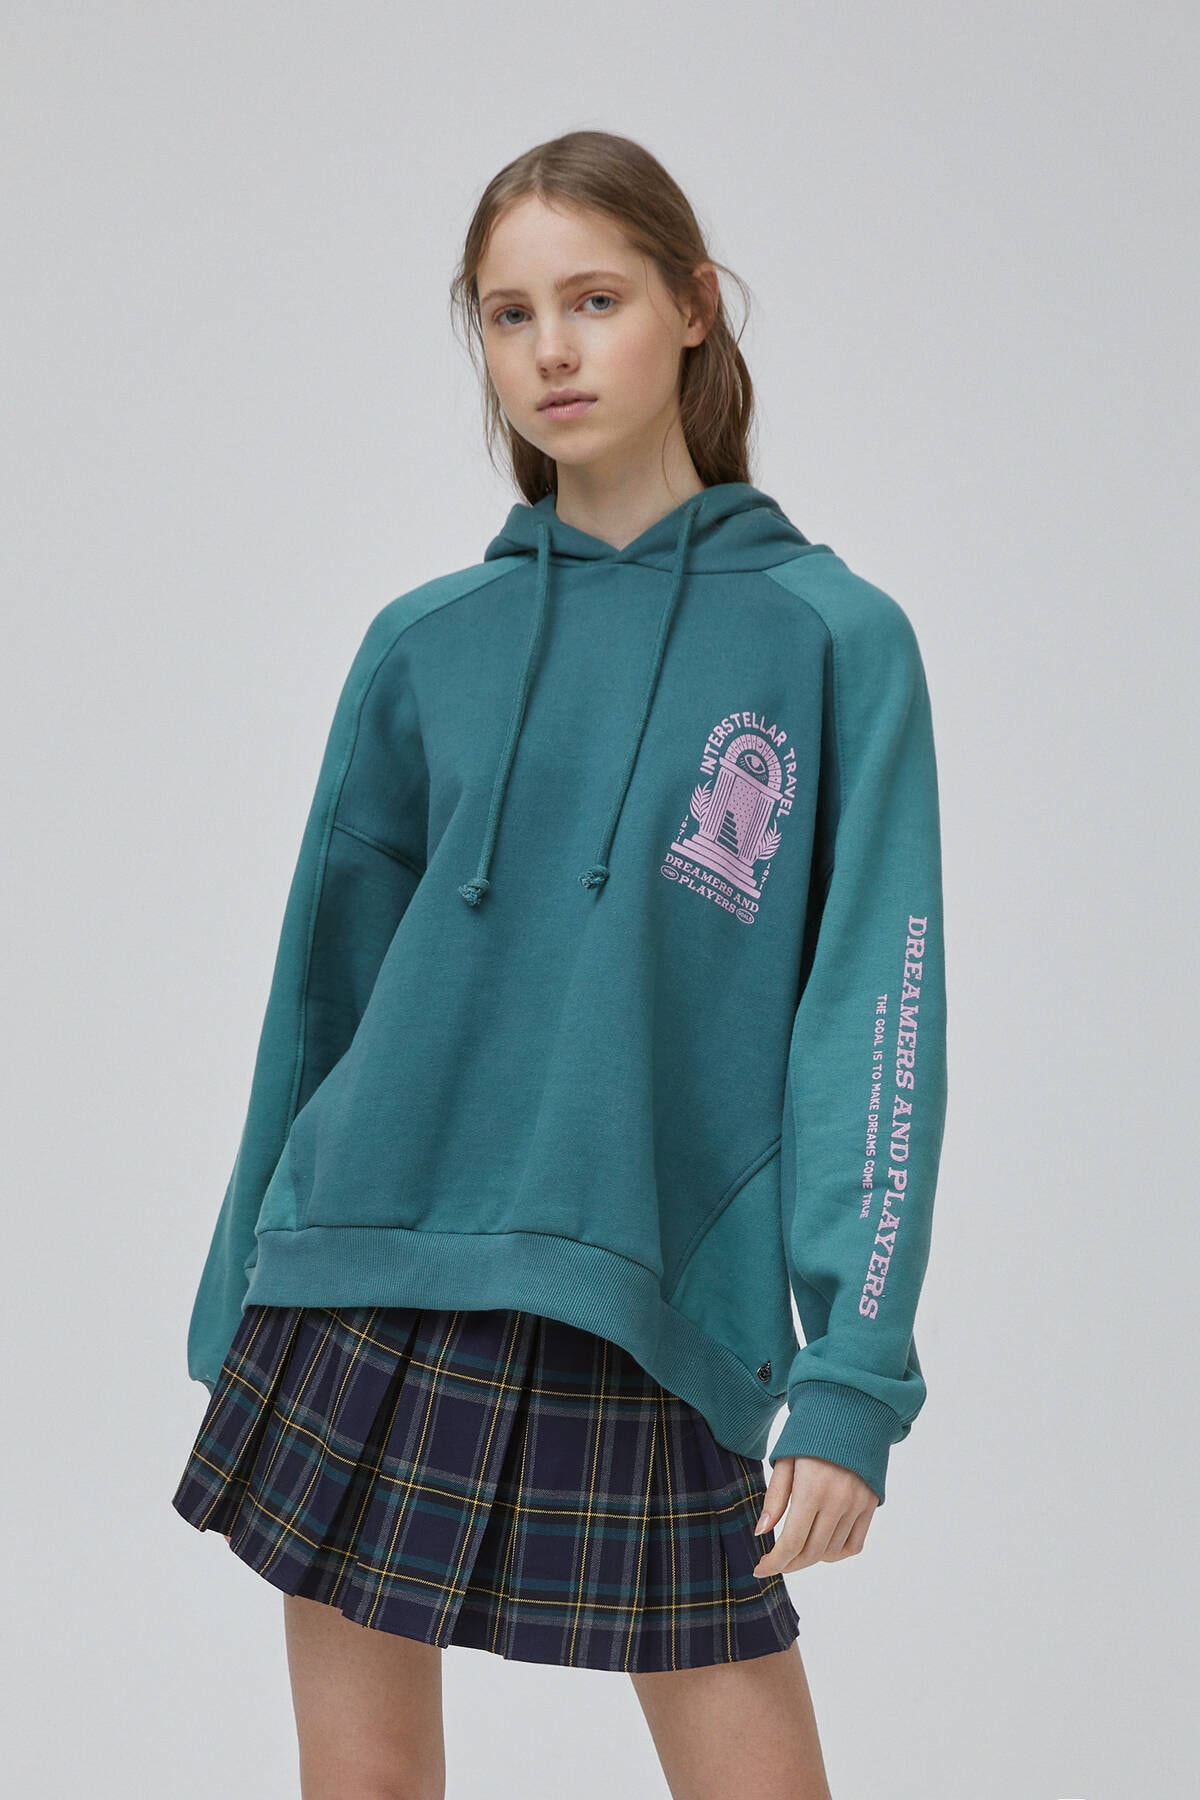 Pull & Bear Kadın Şişe Yeşili Yeşil Blok Renkli Sweatshirt 09594347 0